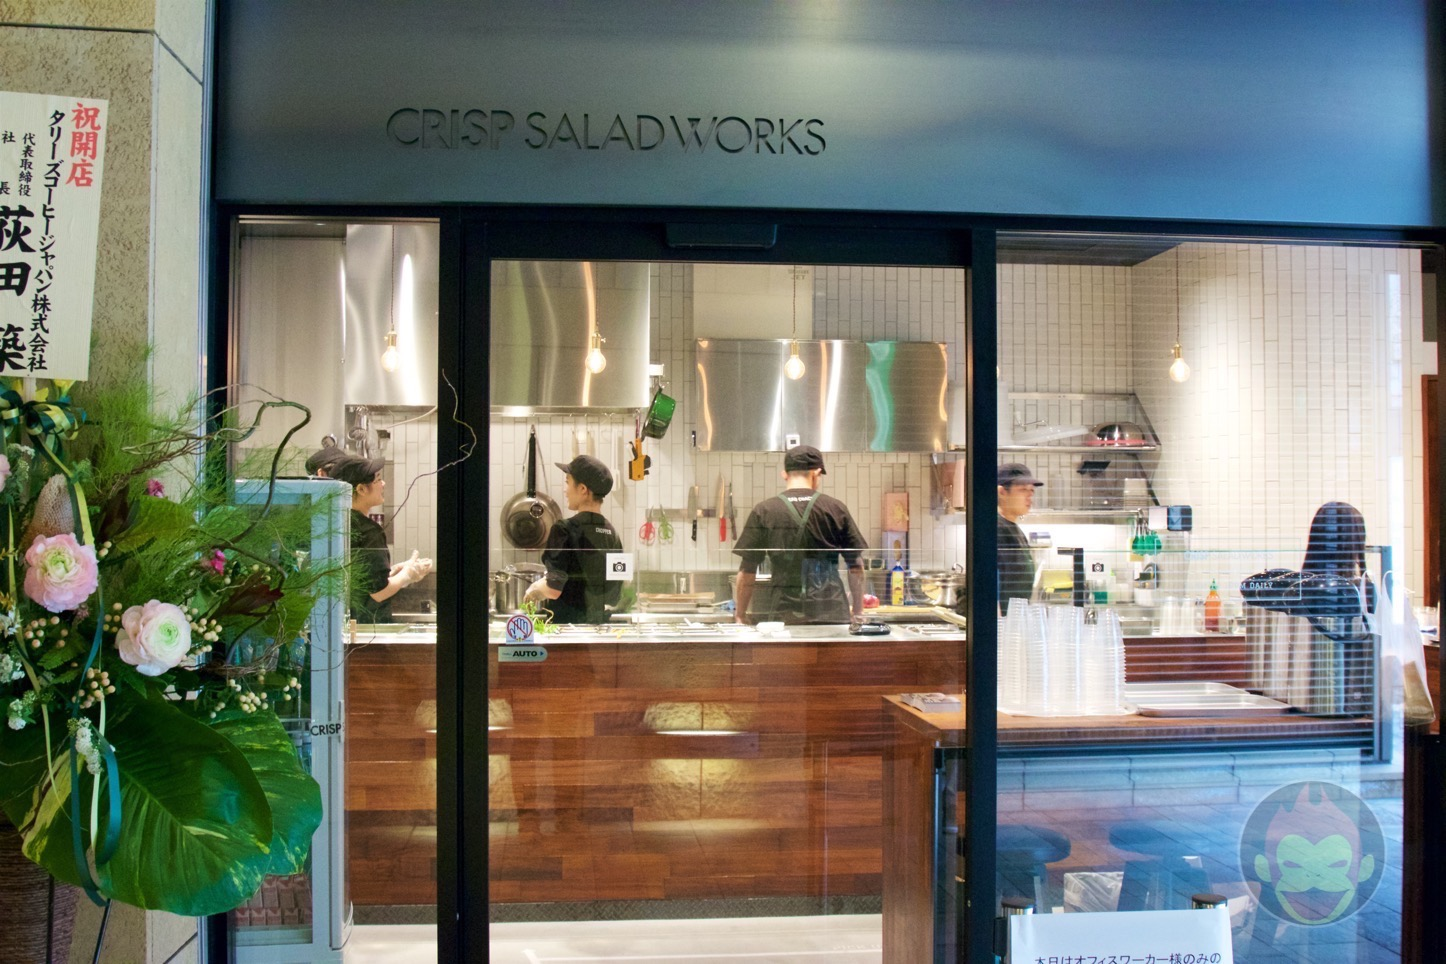 Crisp-Salad-Works-Roppongi-01.jpg